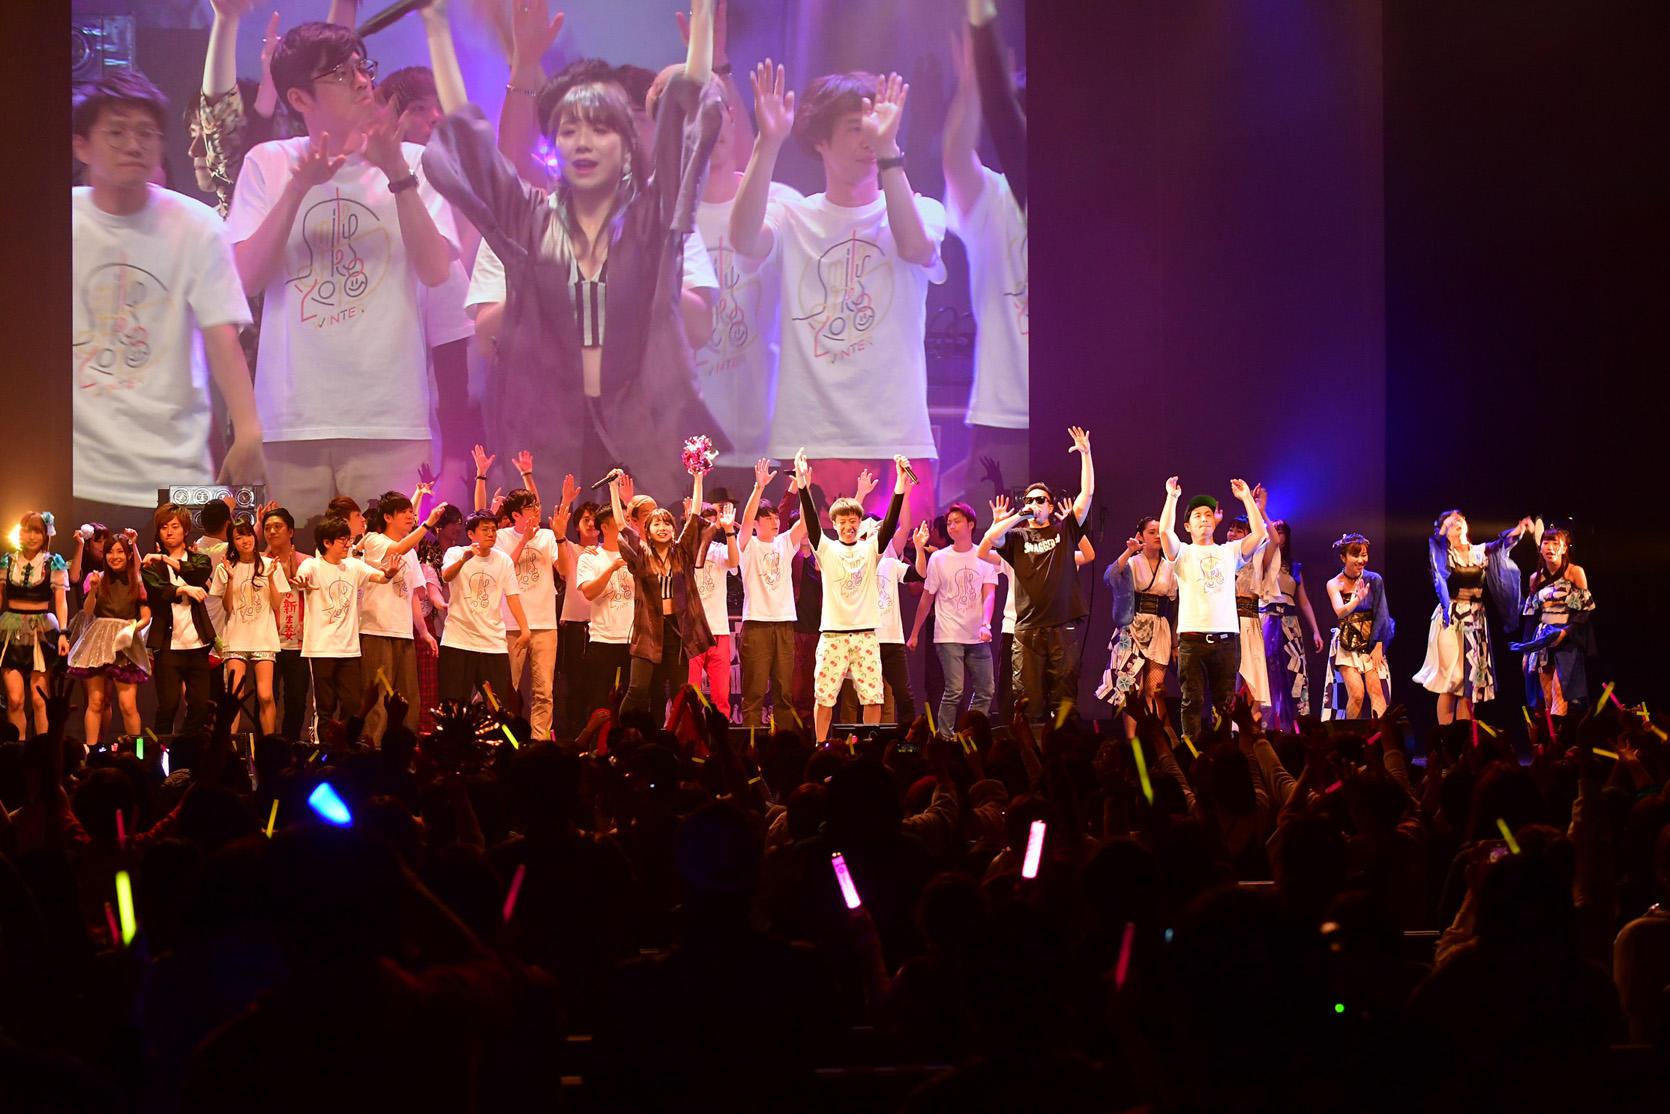 http://news.yoshimoto.co.jp/20181201030049-612f16465a29dba96316ab1e15195a4f62cc4aaf.jpg